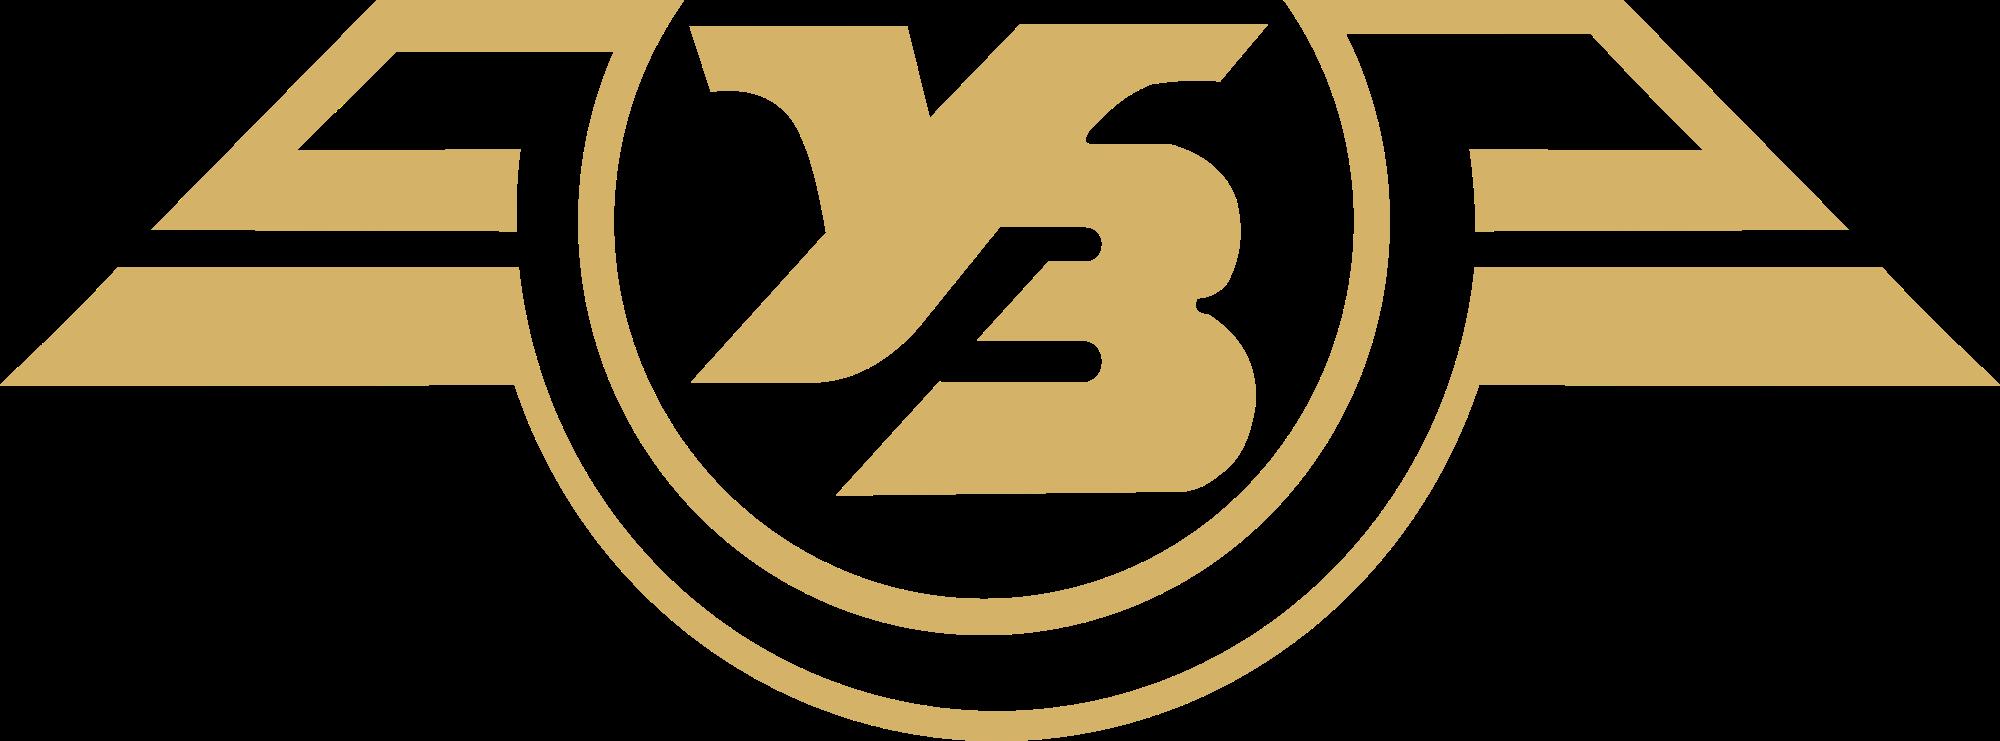 Старый логотип Укрзализныци